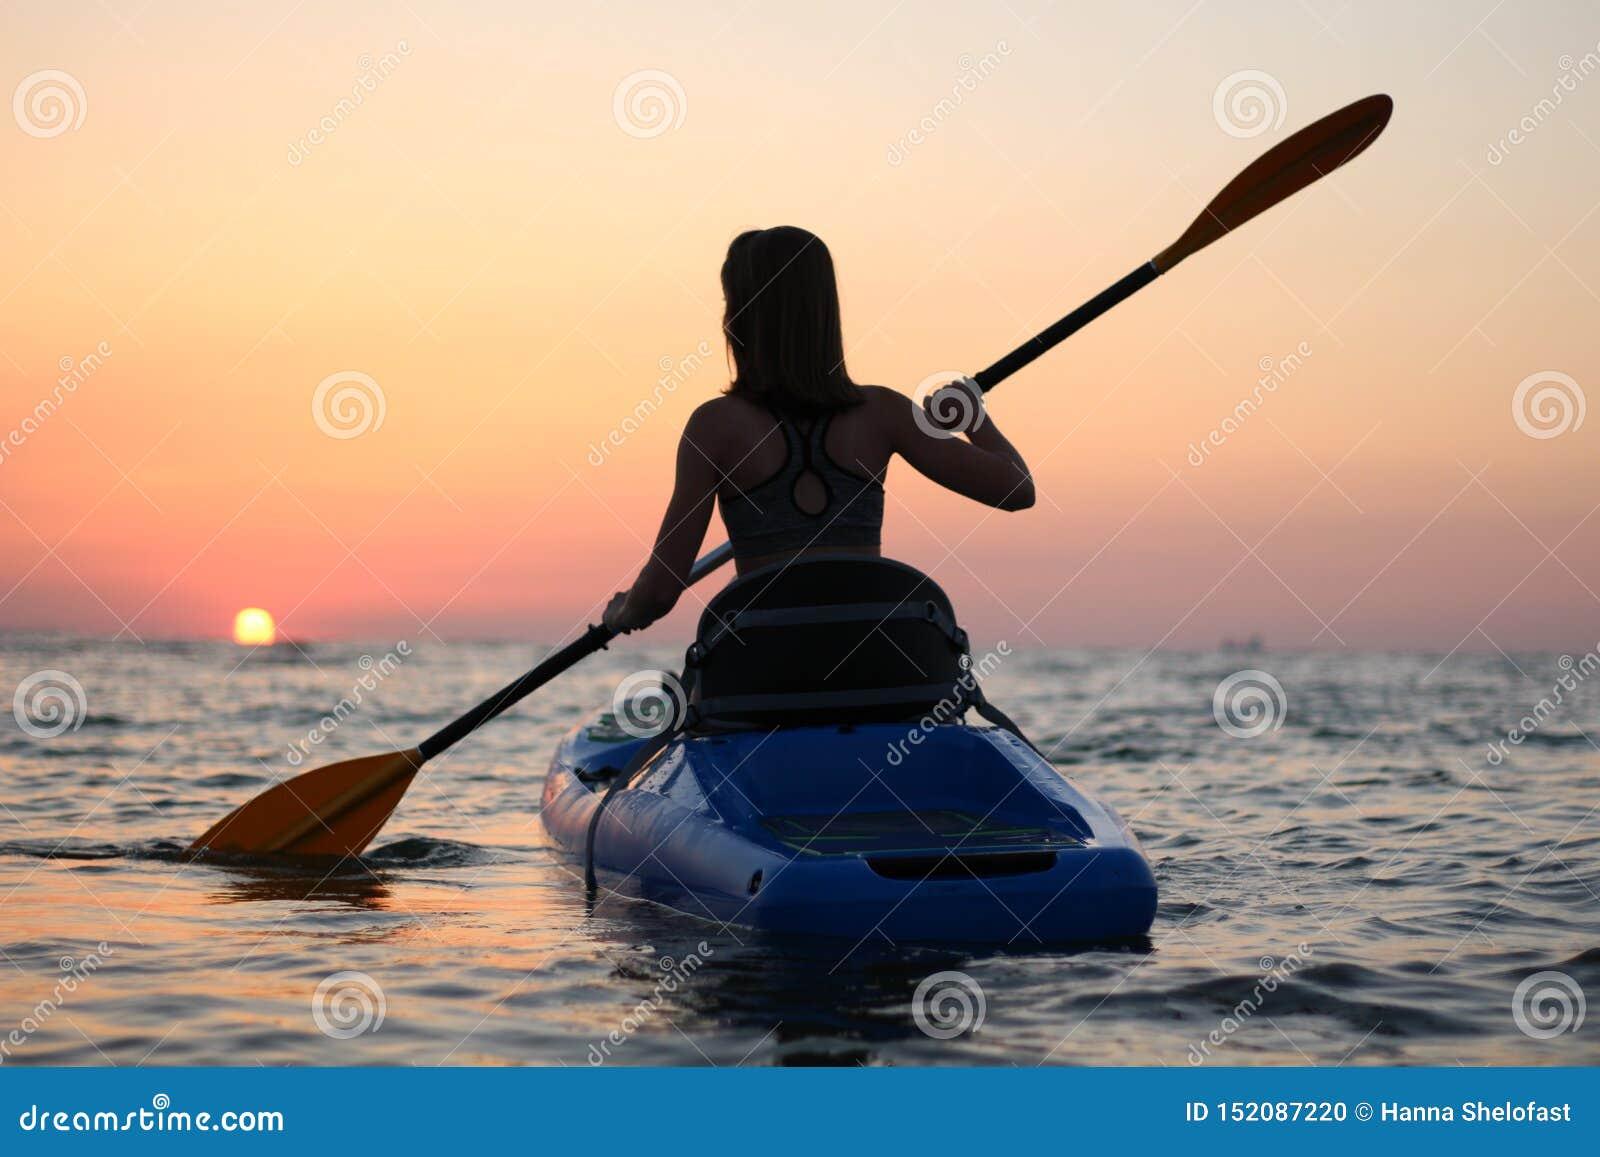 Kayaking kobieta w kajaku, dziewczyny wioślarstwo w wodzie spokojny morze